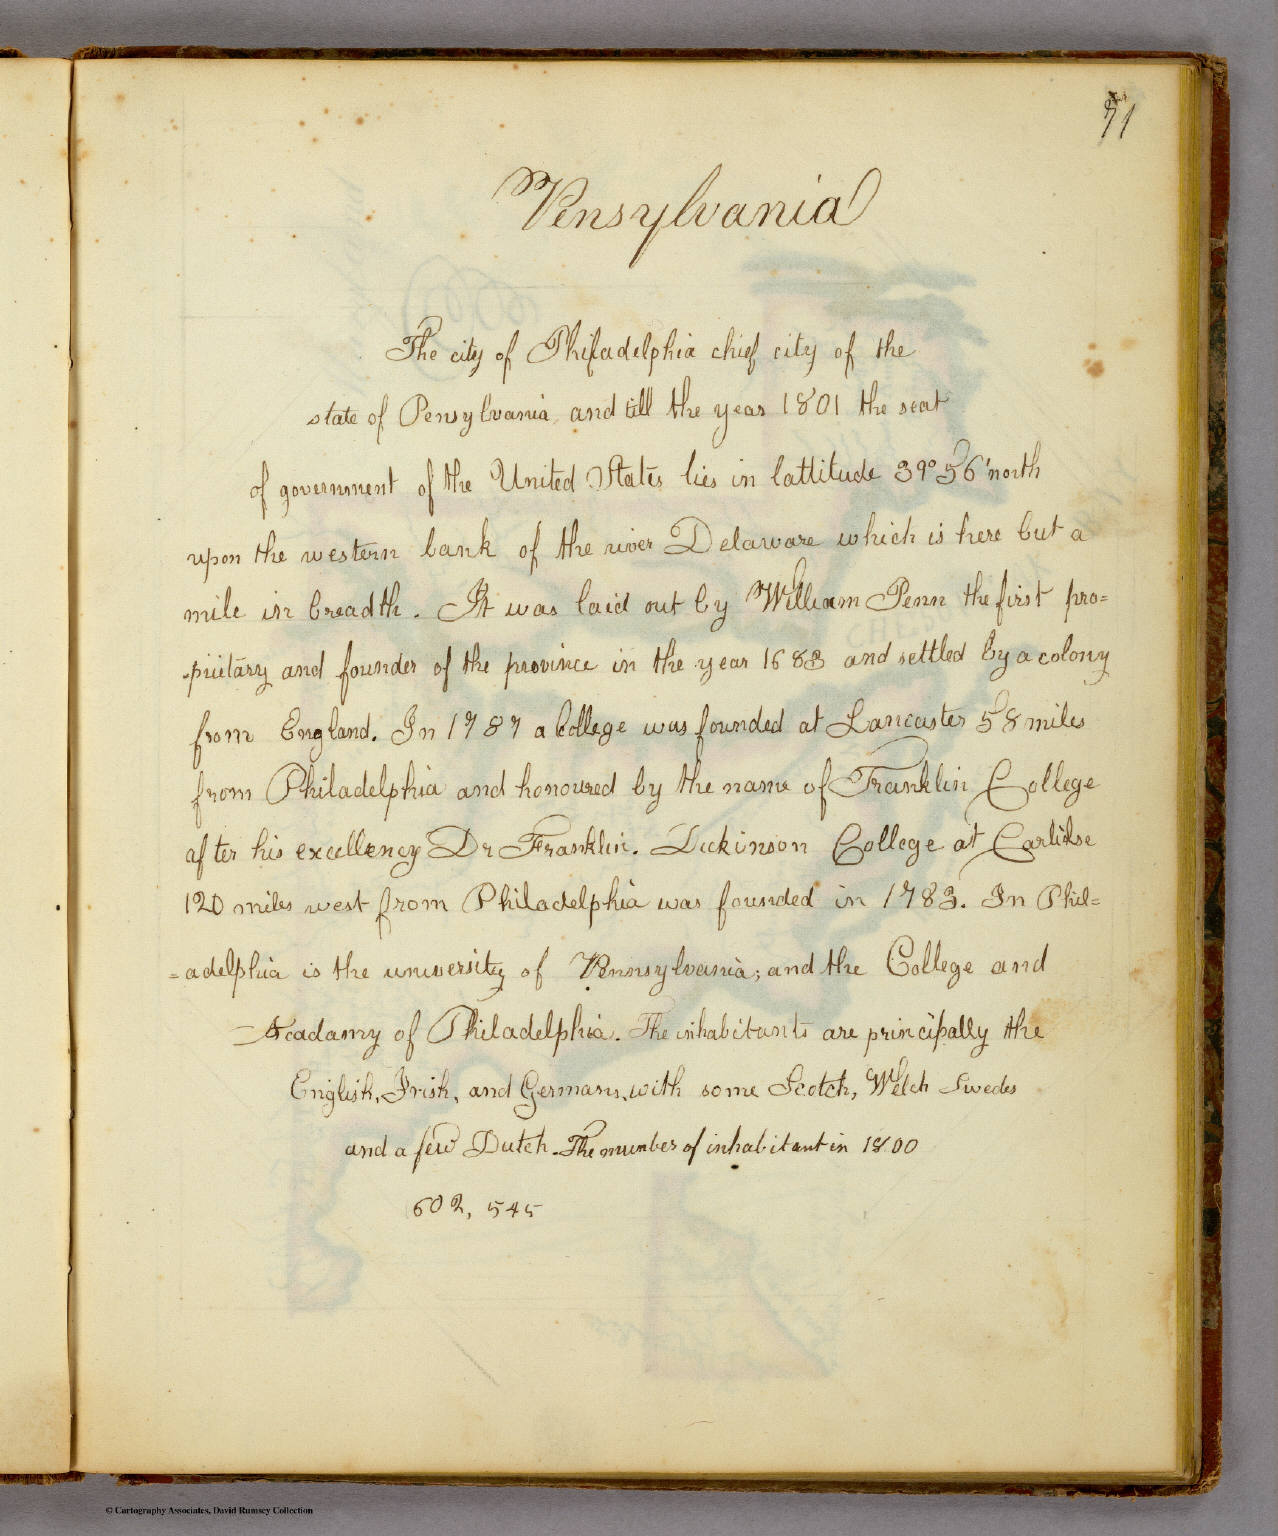 (Description of) Pensylvania.